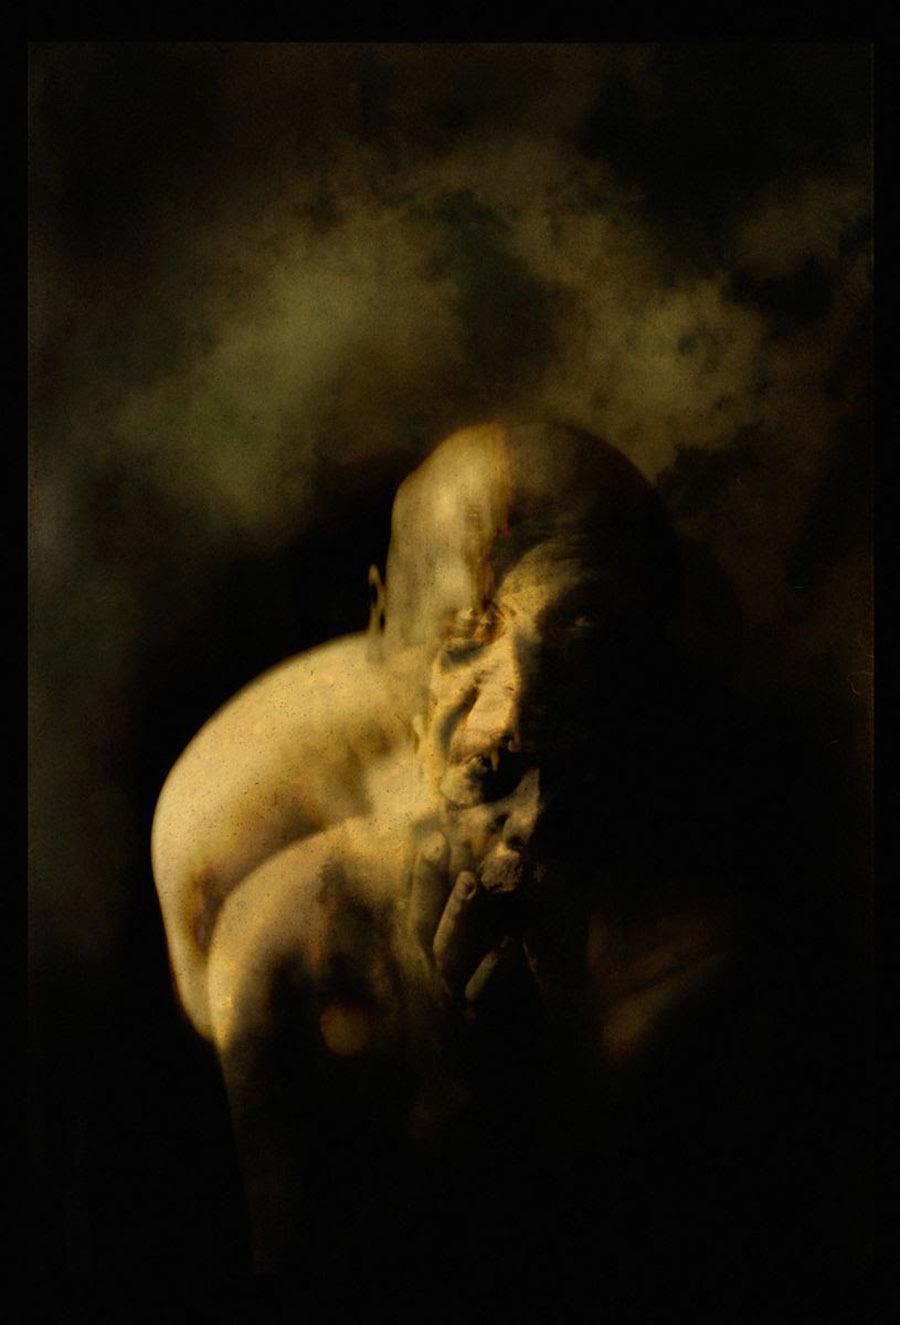 Lasse Hoile Figure In Dark